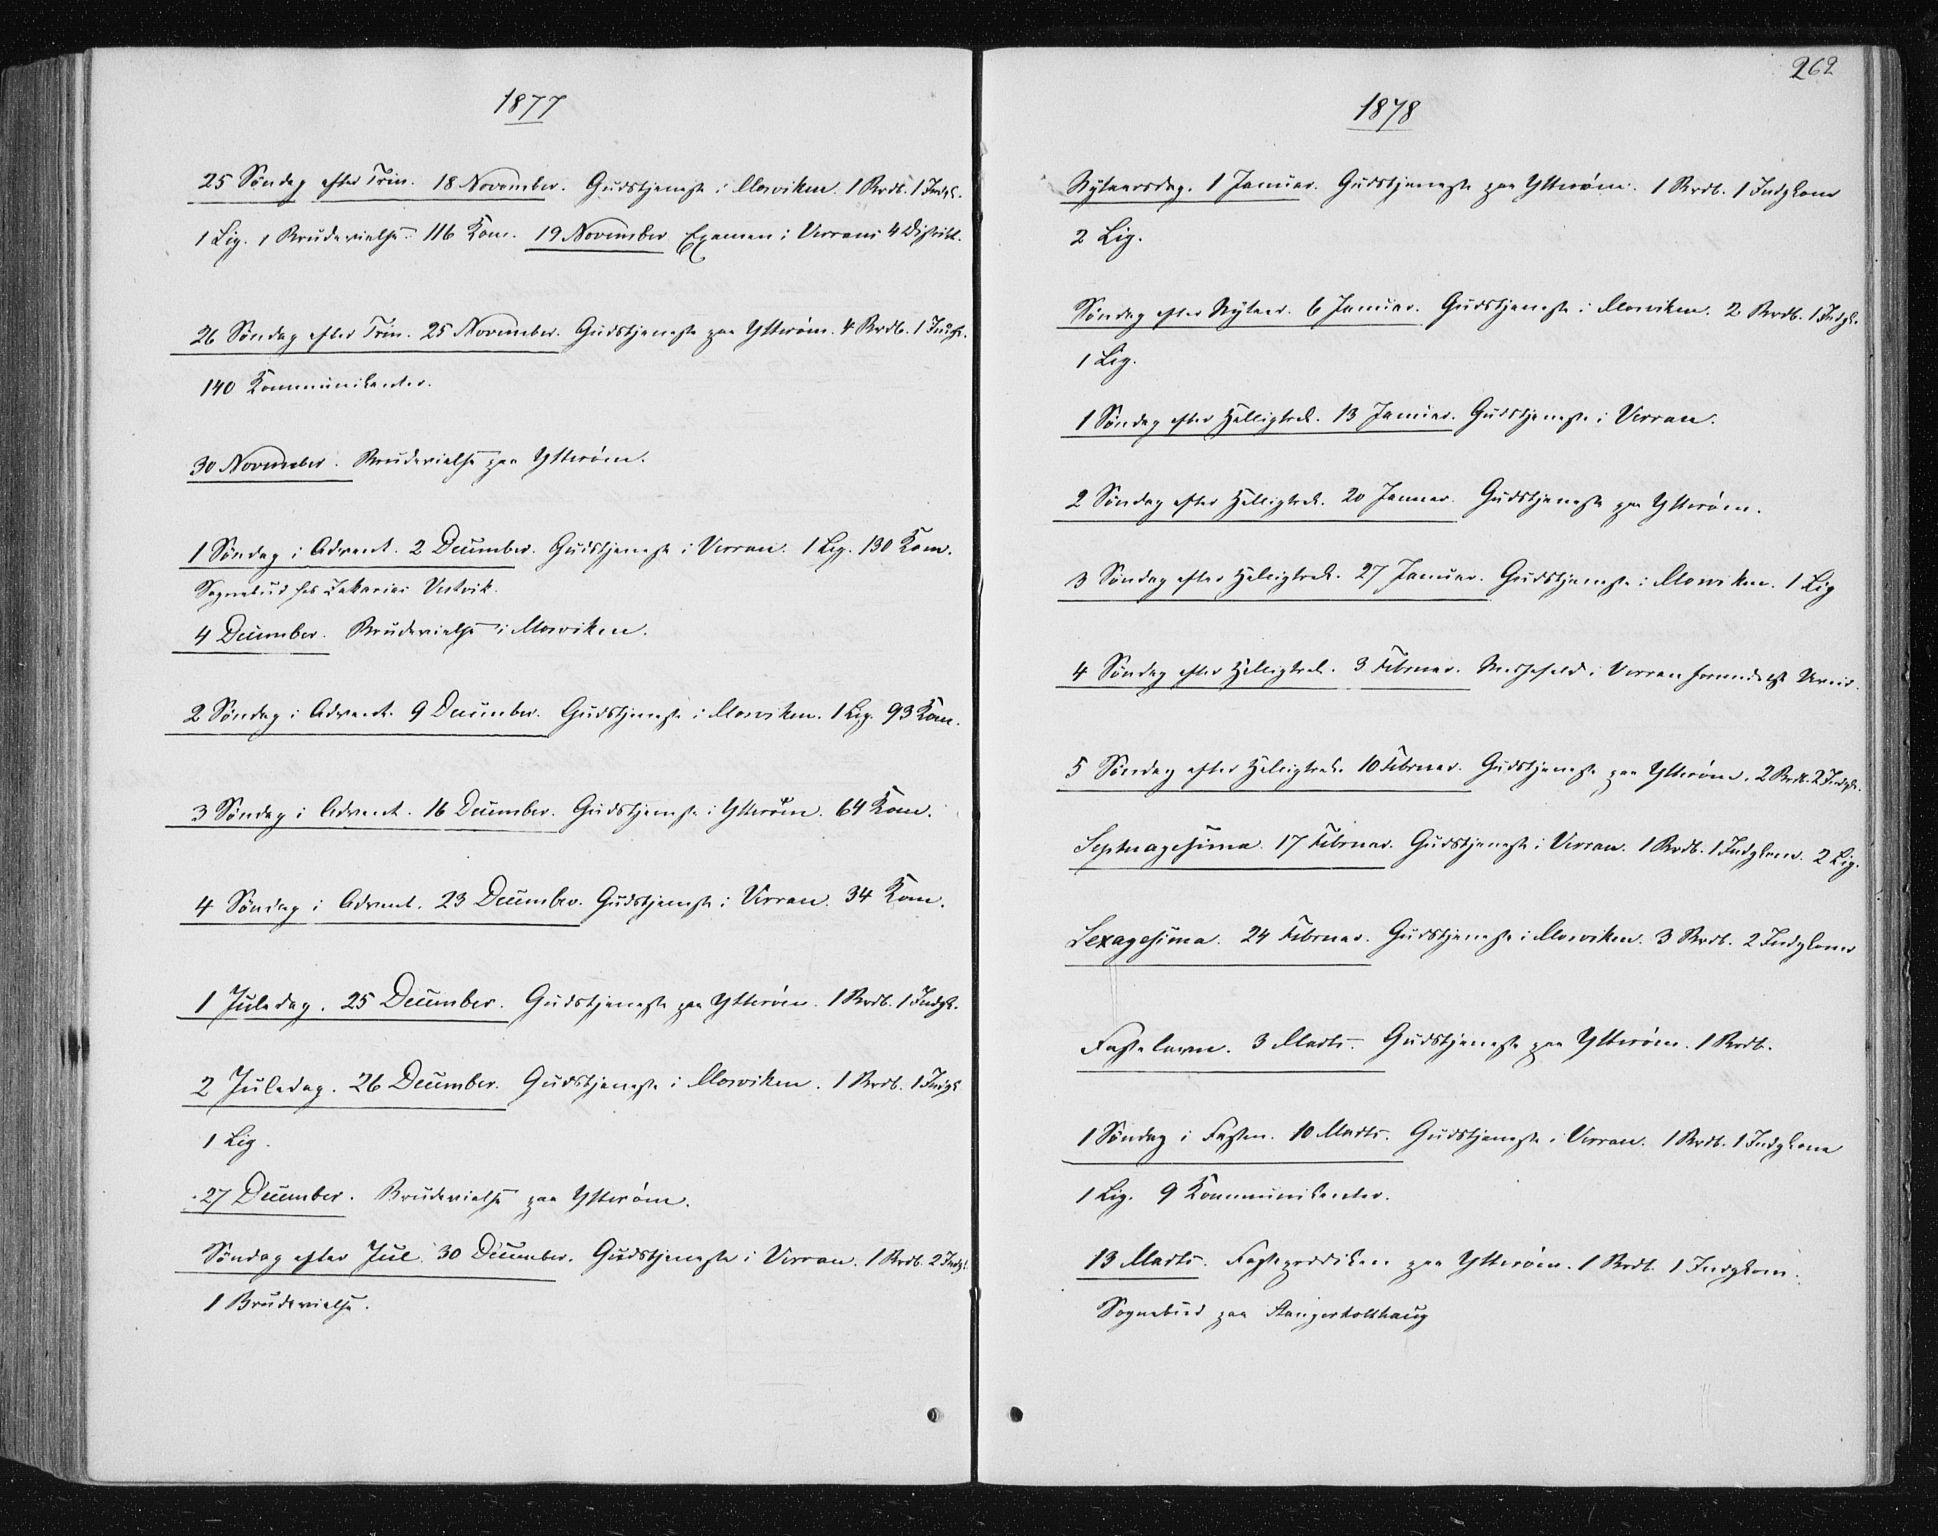 SAT, Ministerialprotokoller, klokkerbøker og fødselsregistre - Nord-Trøndelag, 722/L0219: Ministerialbok nr. 722A06, 1868-1880, s. 262